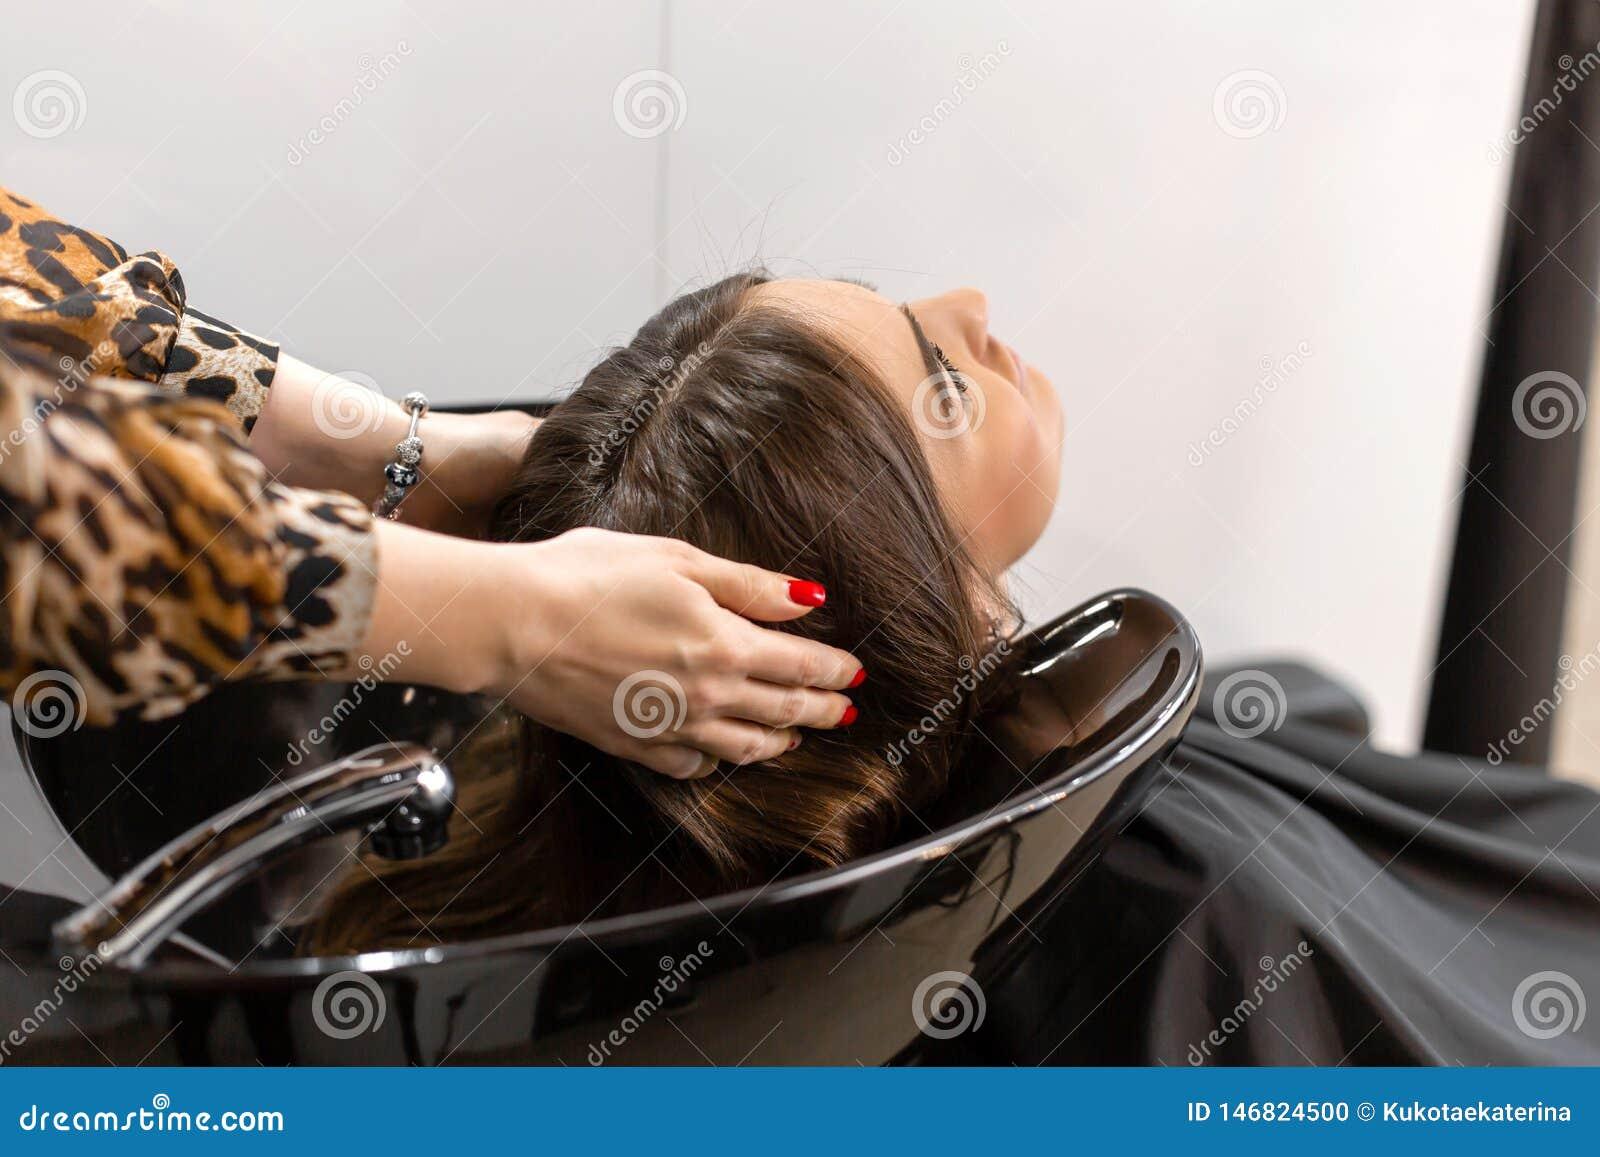 Haarschnittmeister w?scht Haar ihres Kunden hatte